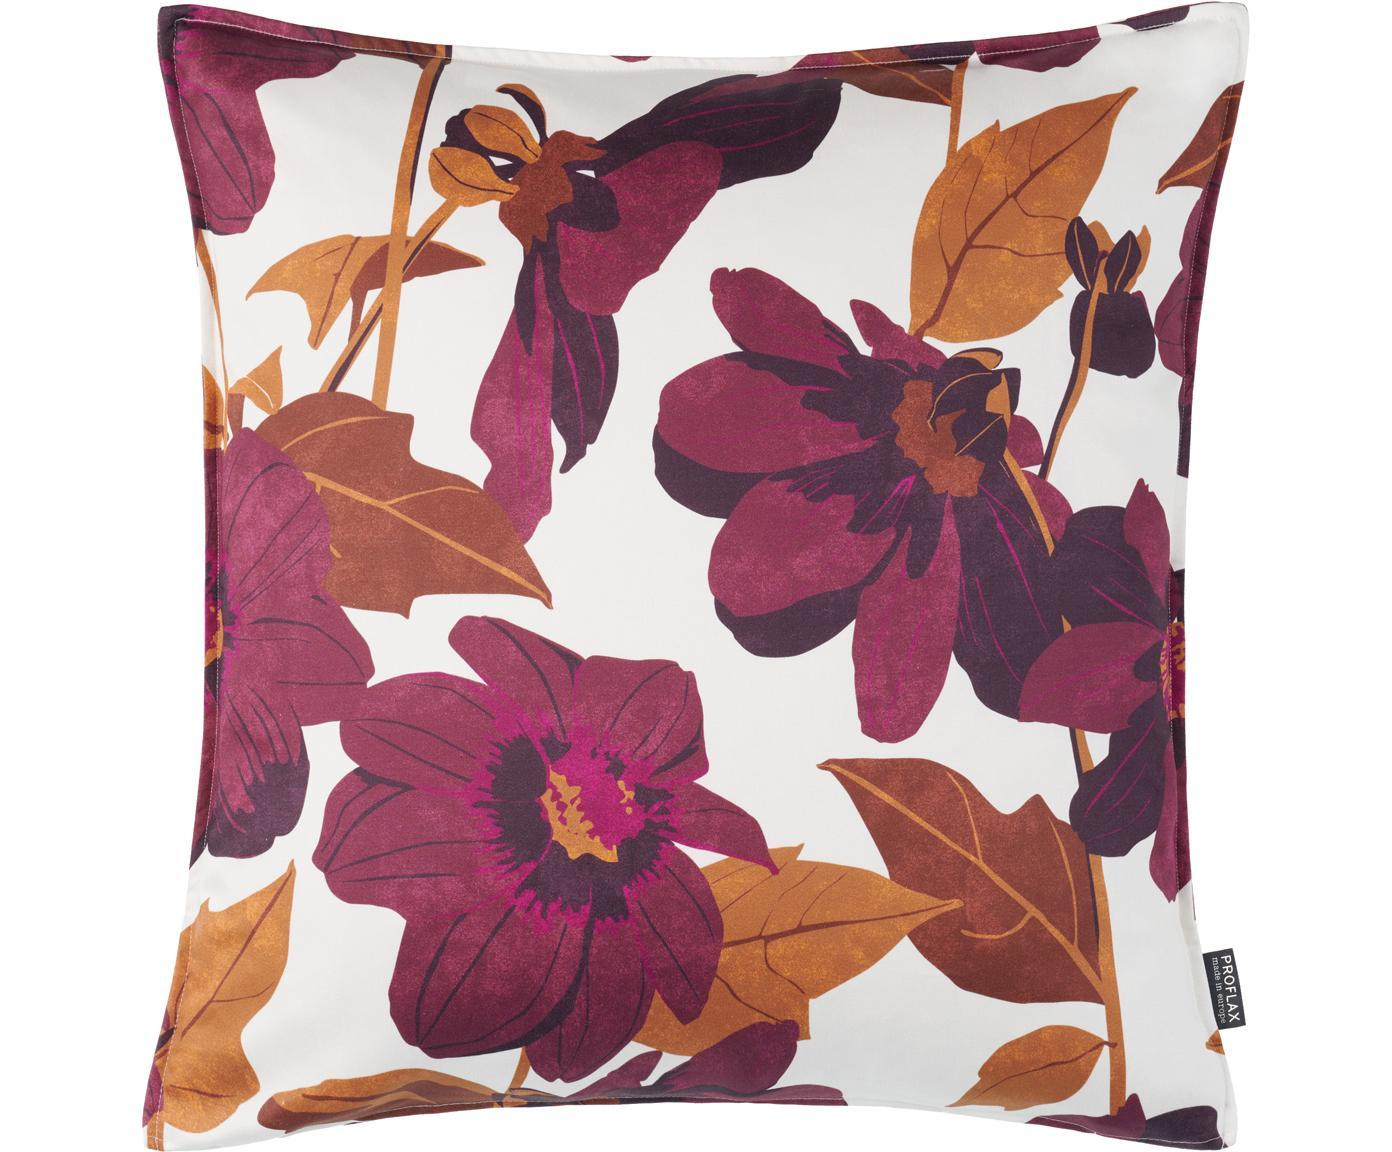 Poszewka na poduszkę Maite, Bawełna, Biały, lila, pomarańczowy, S 50 x D 50 cm